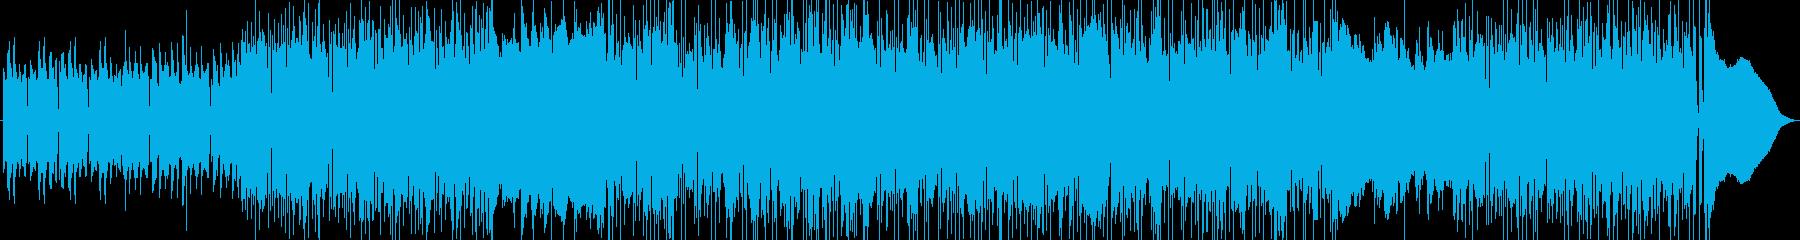 おしゃれで疾走感のあるピアノジャズの再生済みの波形